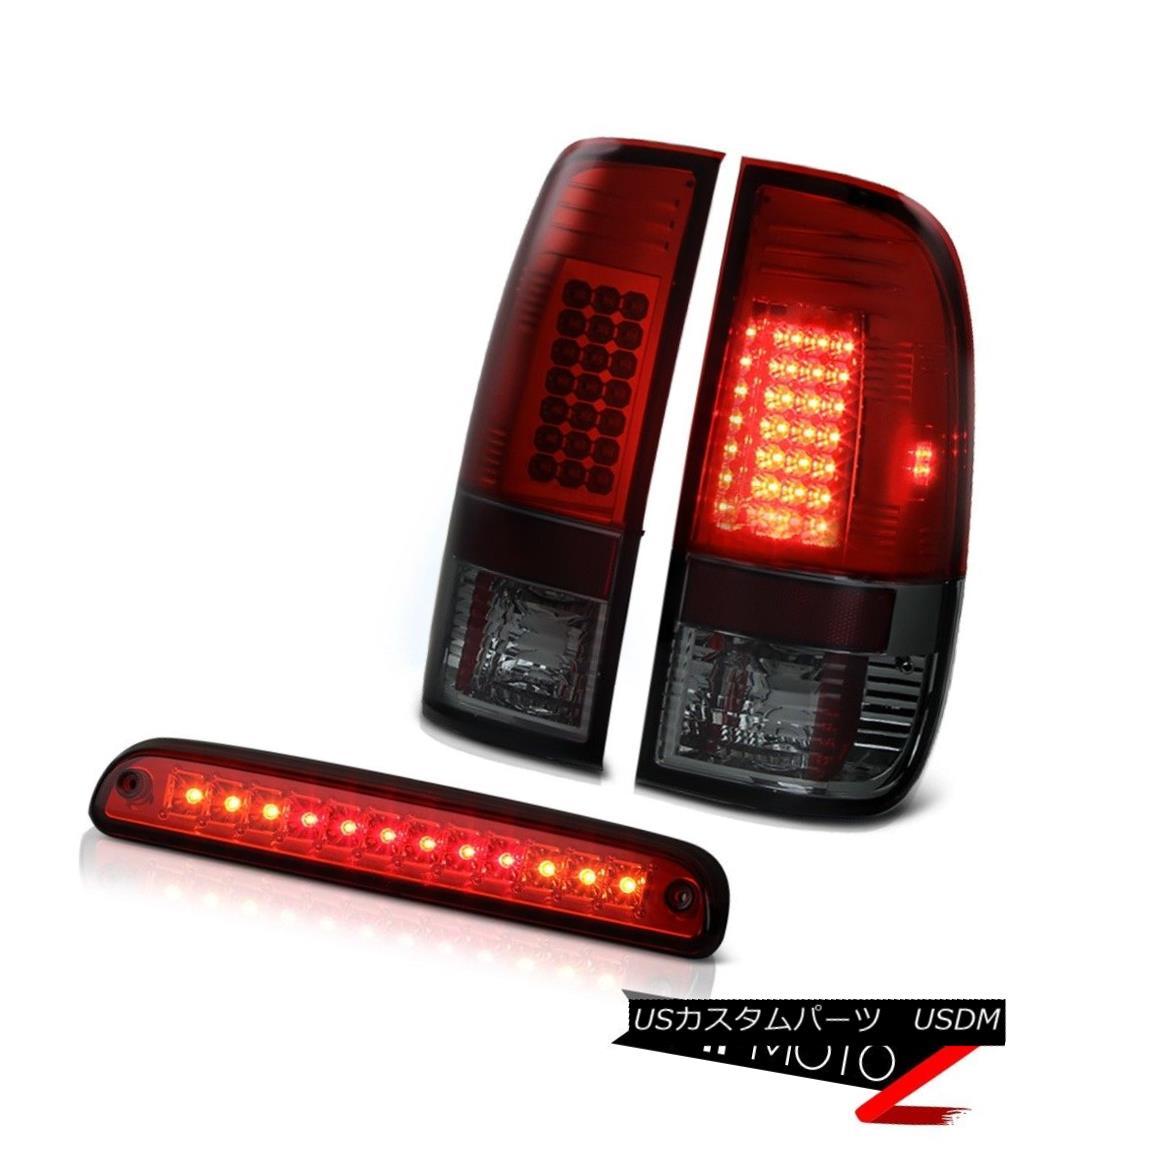 テールライト 99 00 01 02 0304 F350 Lariat LED Bulbs Parking Tail Lamps Roof Third Brake Cargo 99 00 01 02 0304 F350 Lariat LED電球駐車場テールランプ屋根第3ブレーキカーゴ